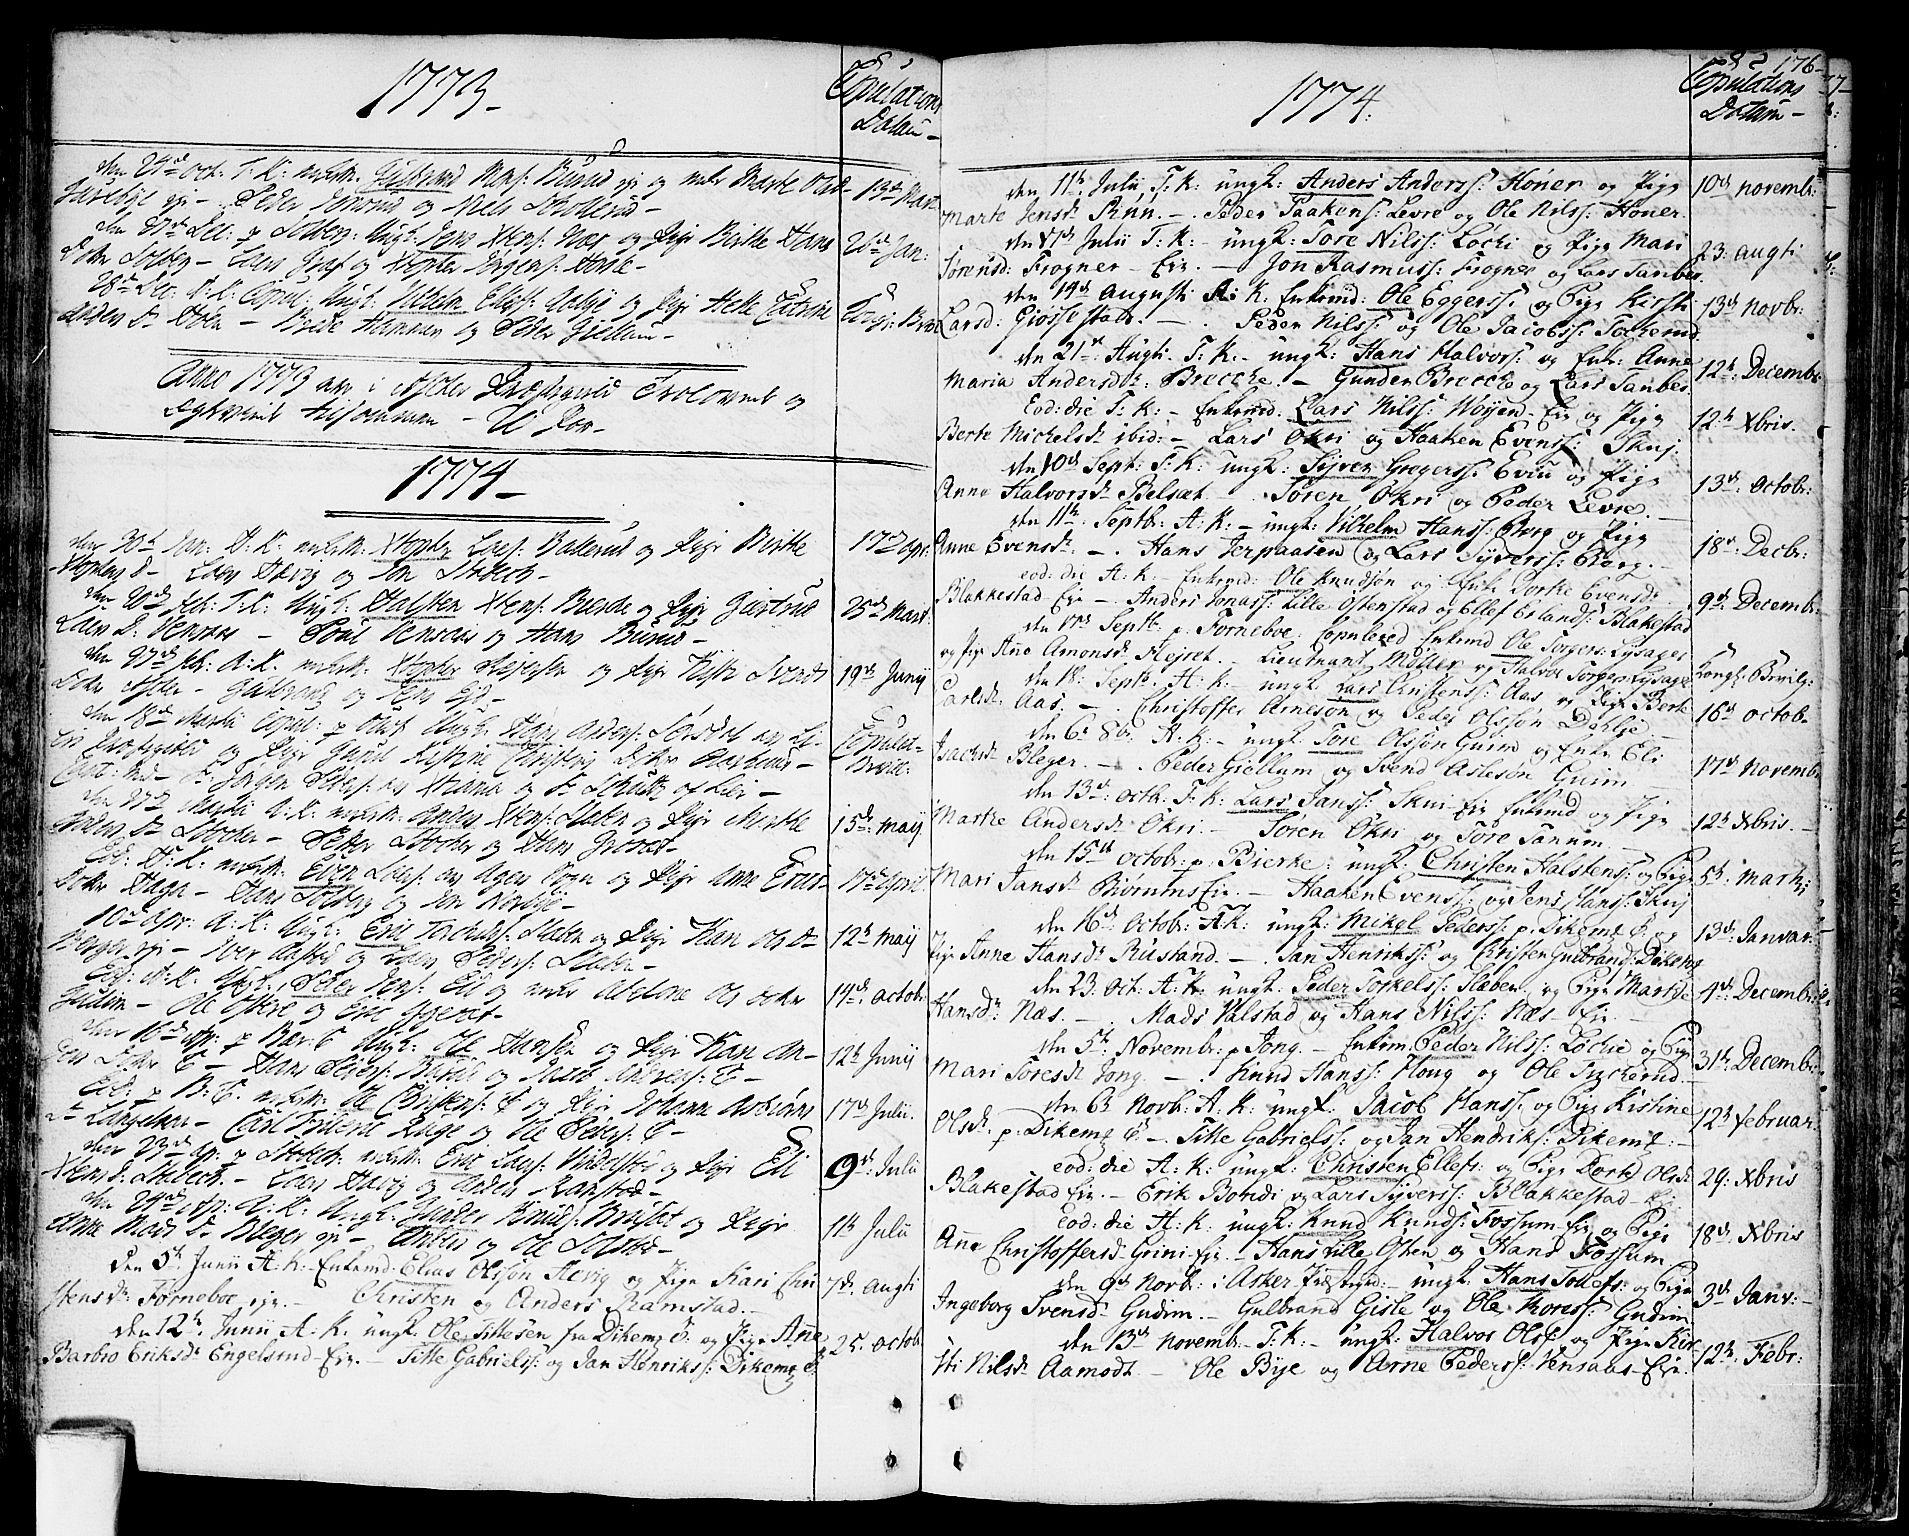 SAO, Asker prestekontor Kirkebøker, F/Fa/L0003: Ministerialbok nr. I 3, 1767-1807, s. 176